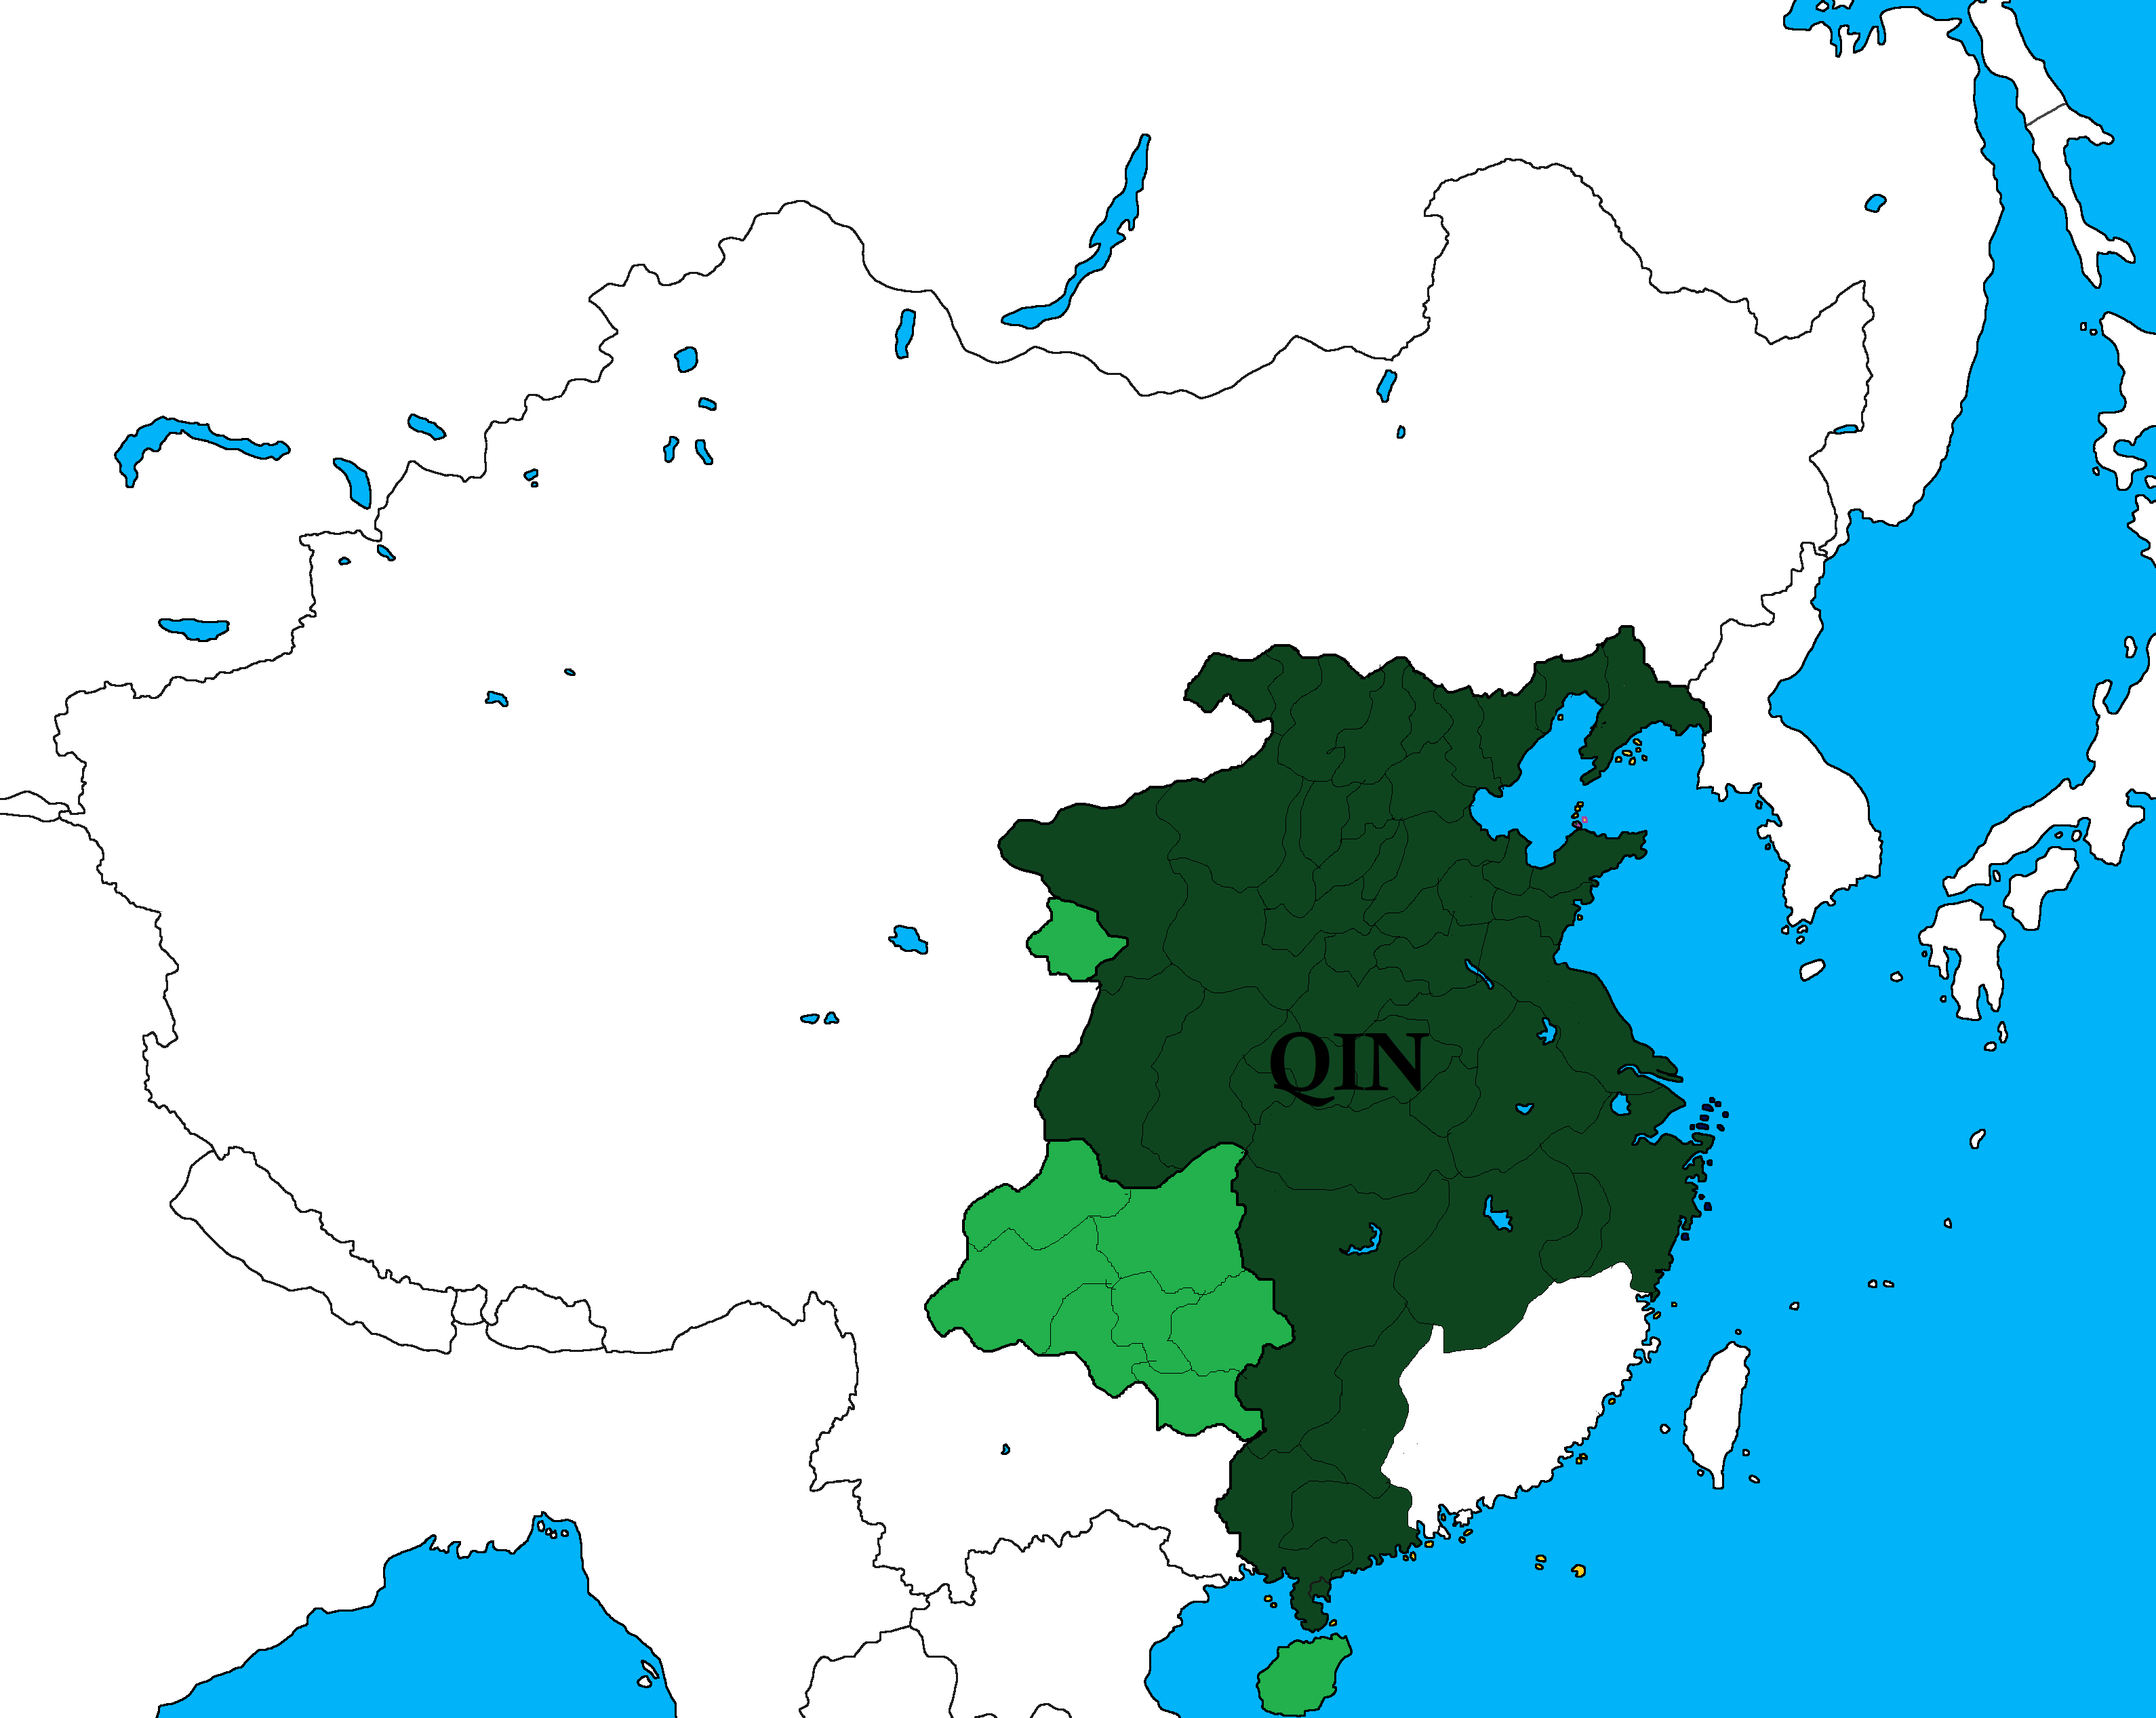 CHINA6La.png